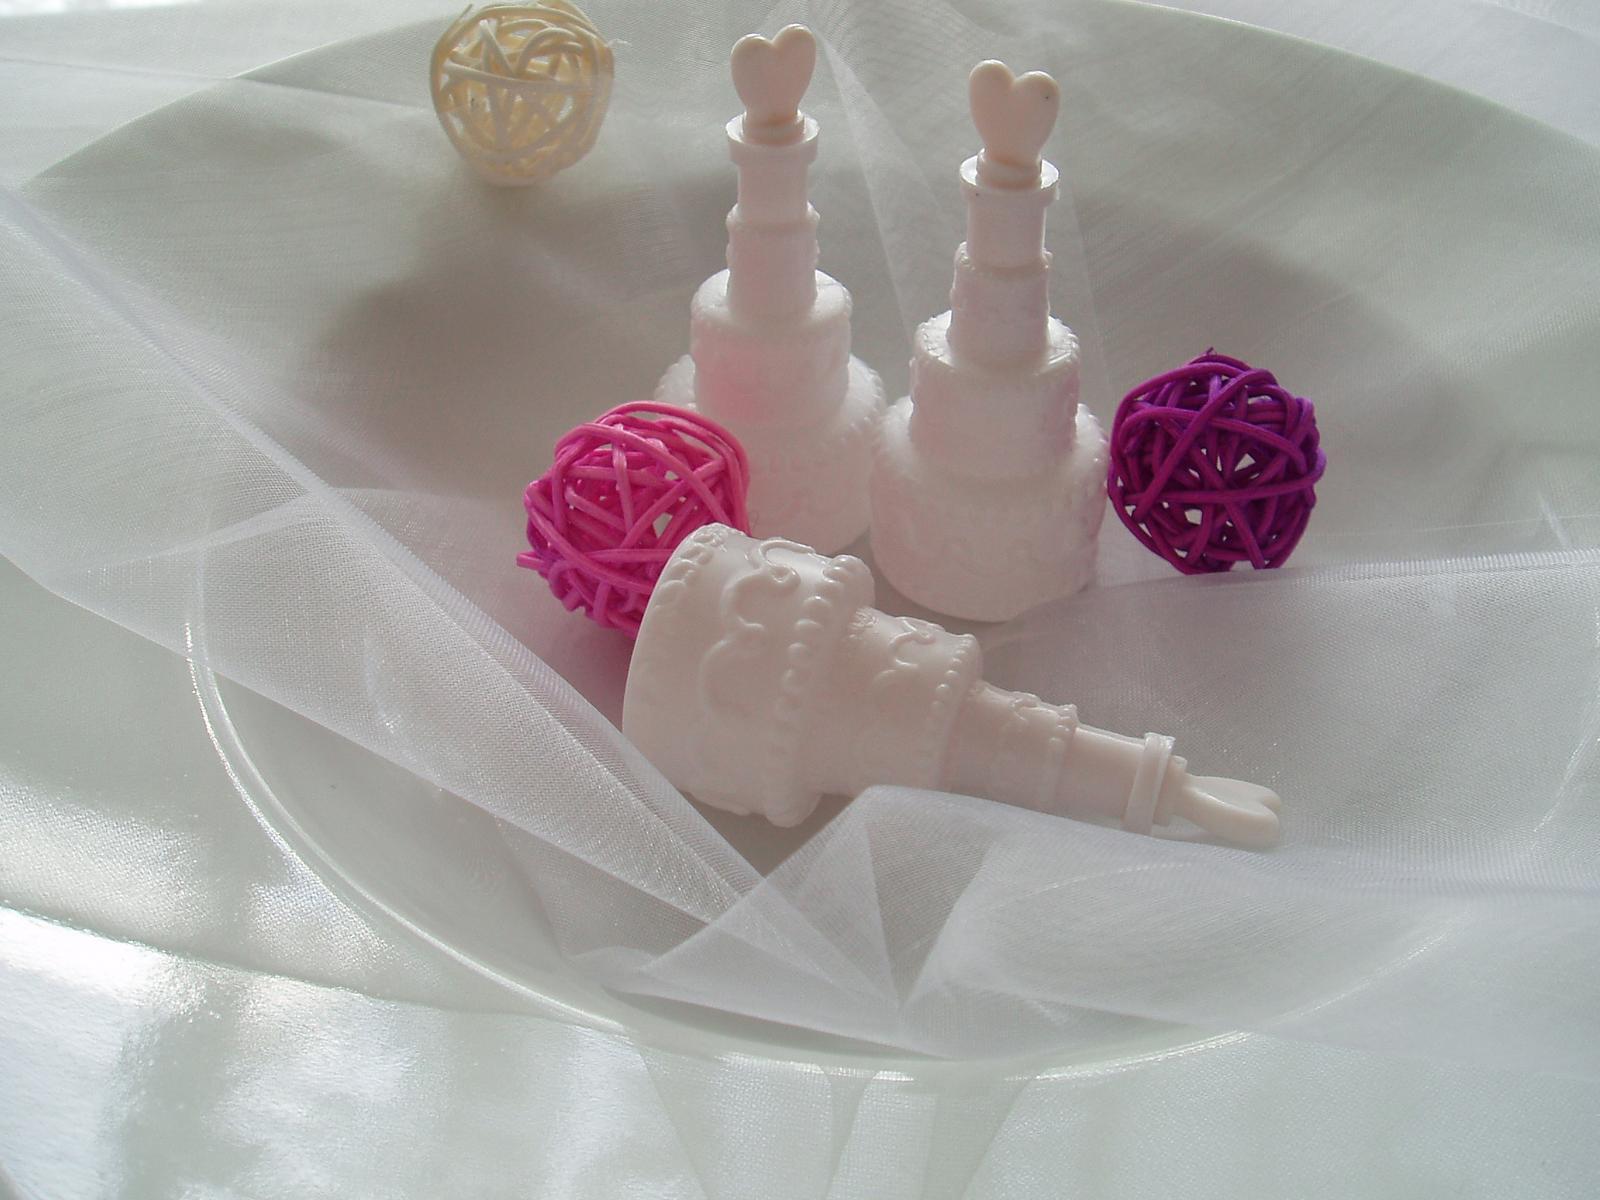 svatební bublifuk-dort - Obrázek č. 2